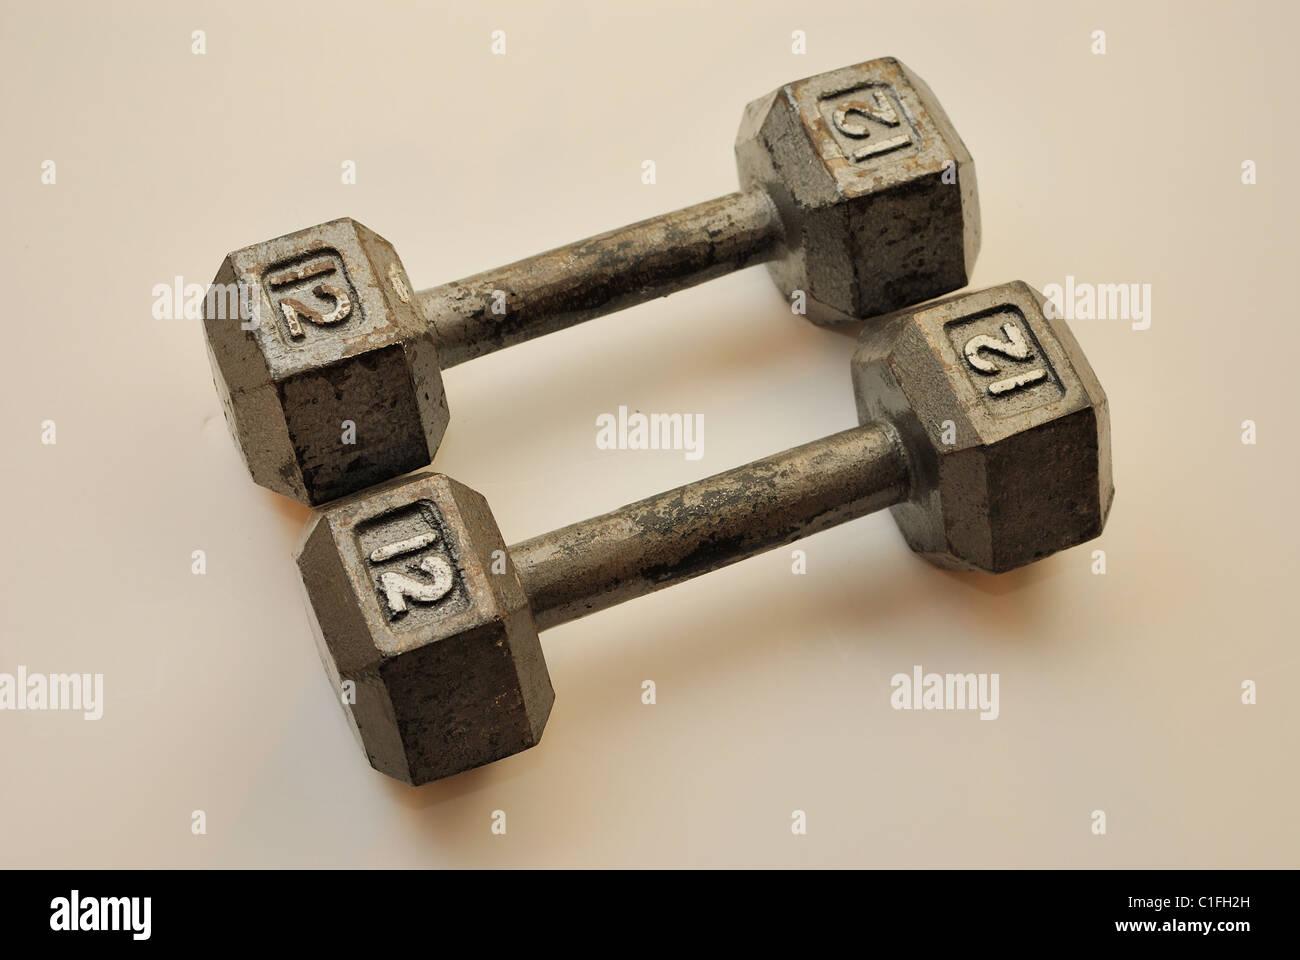 12 pound dumbbells - Stock Image